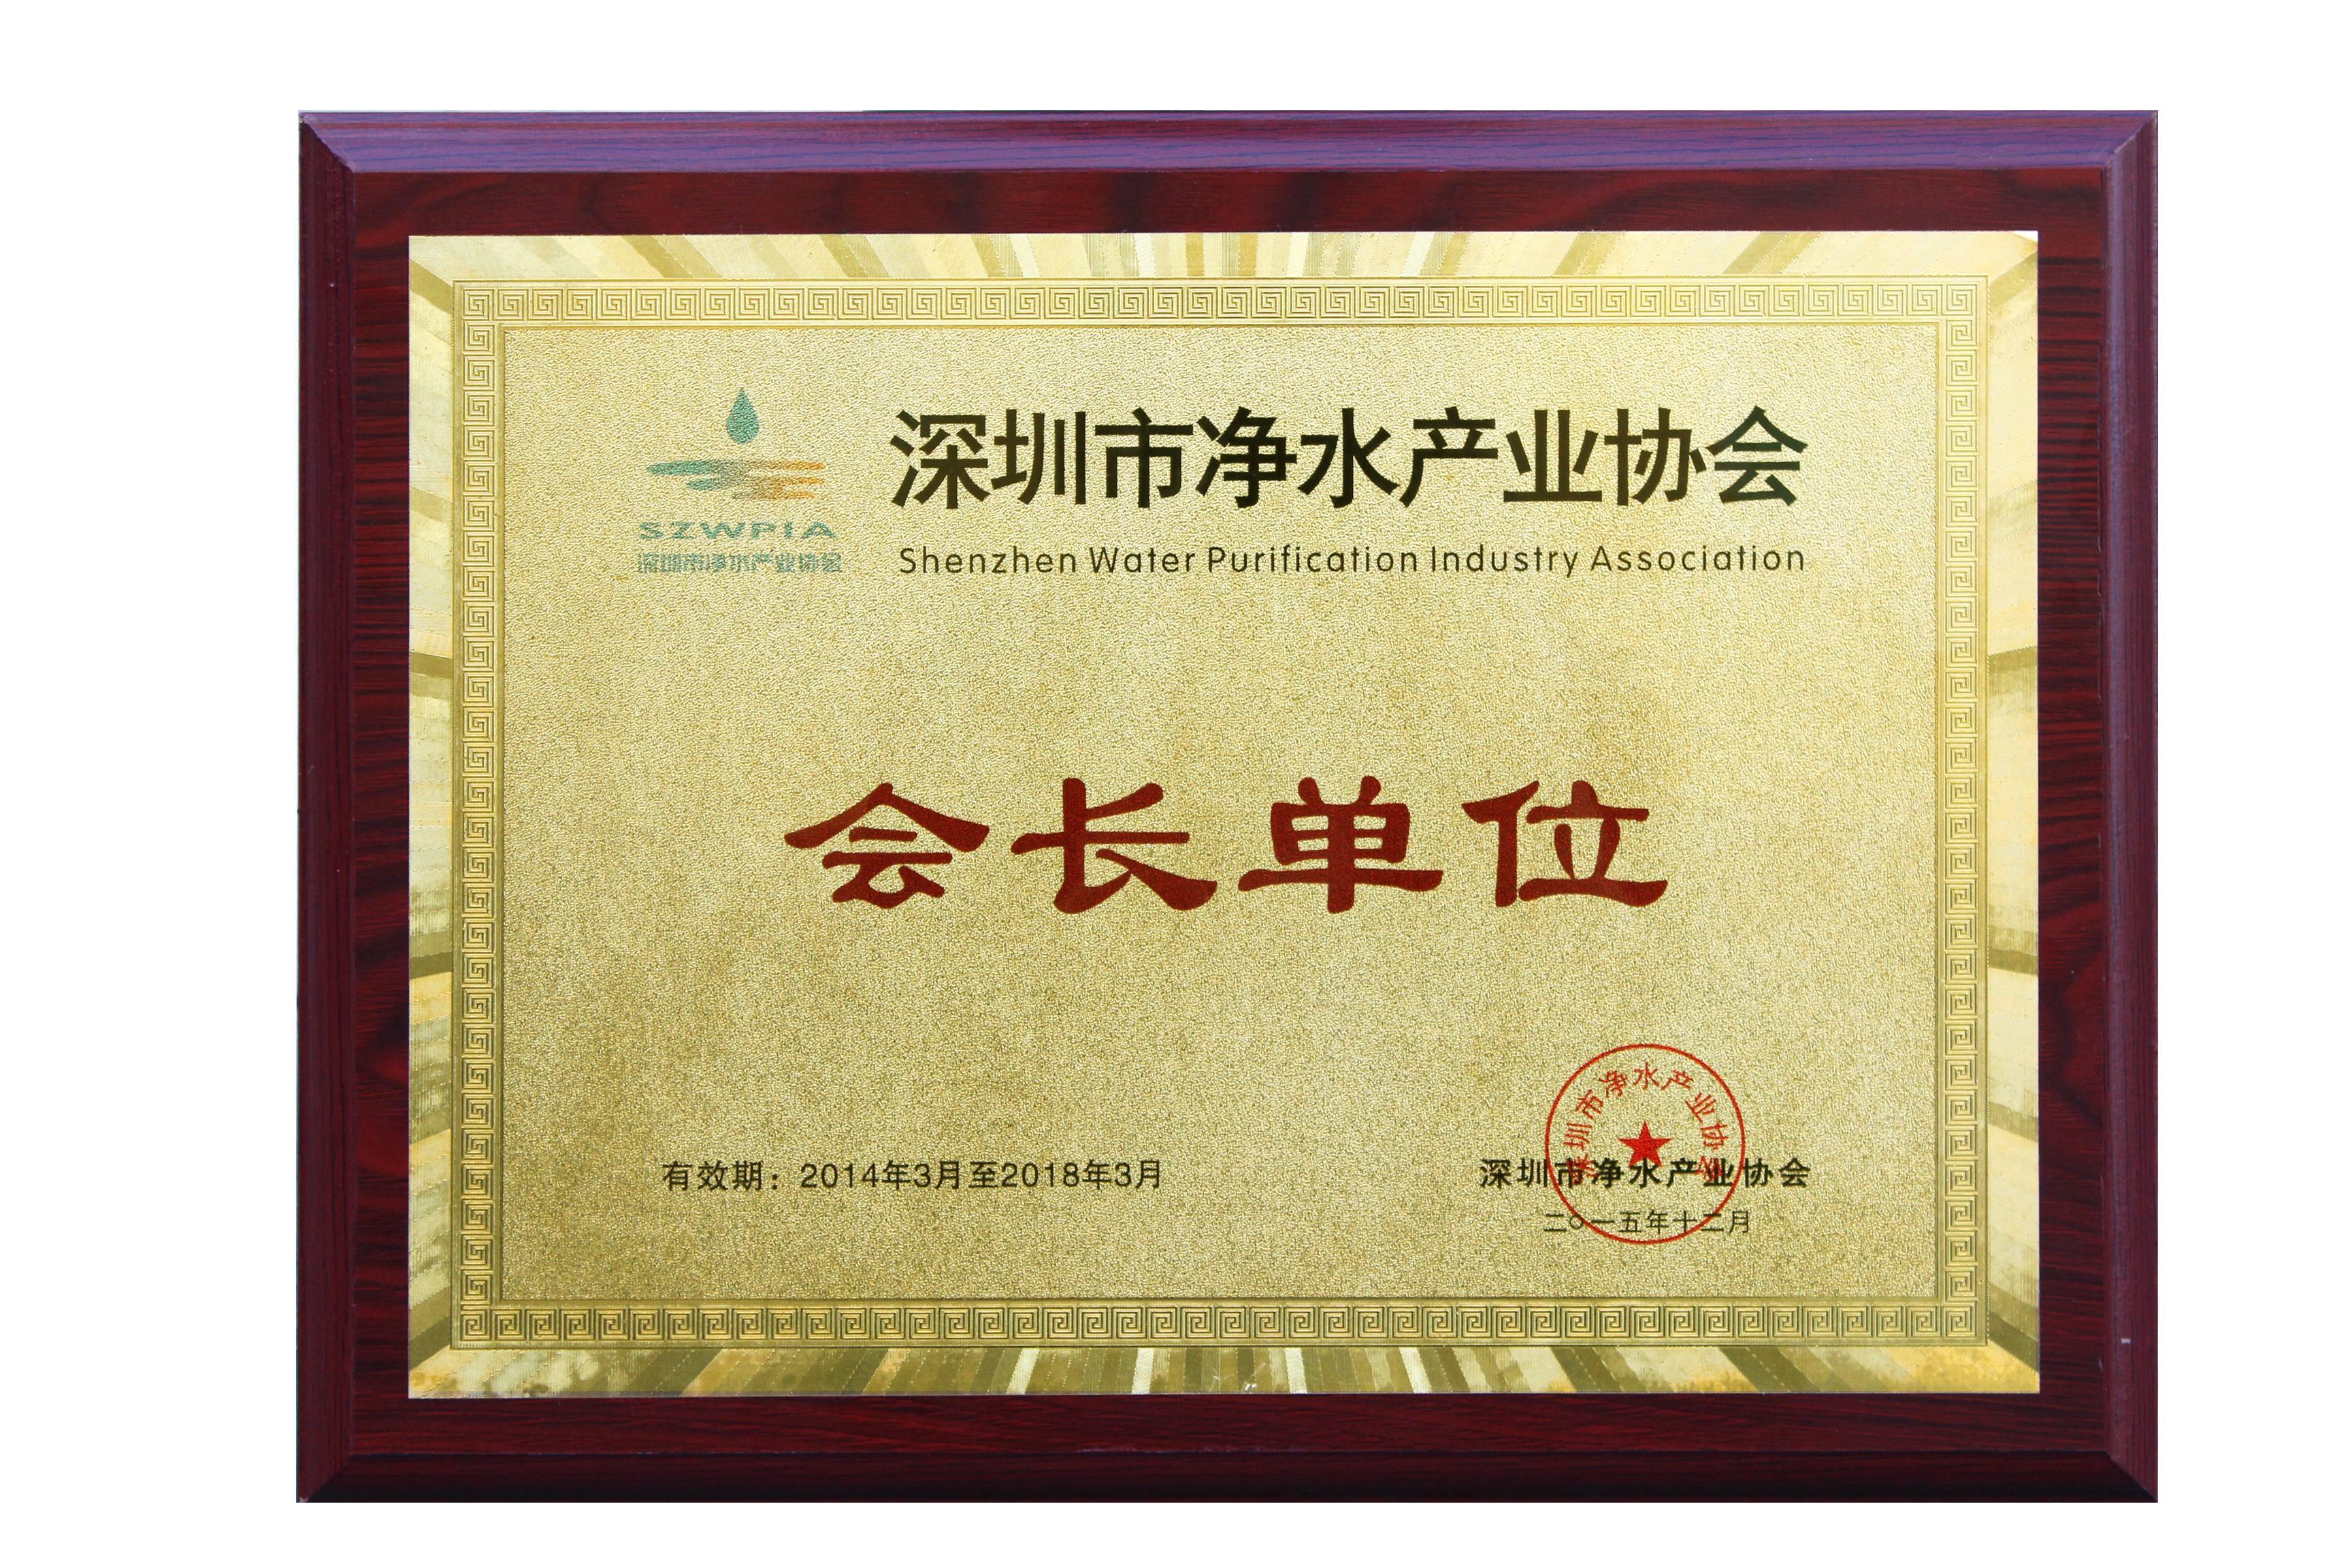 深圳市净水协会会长单位